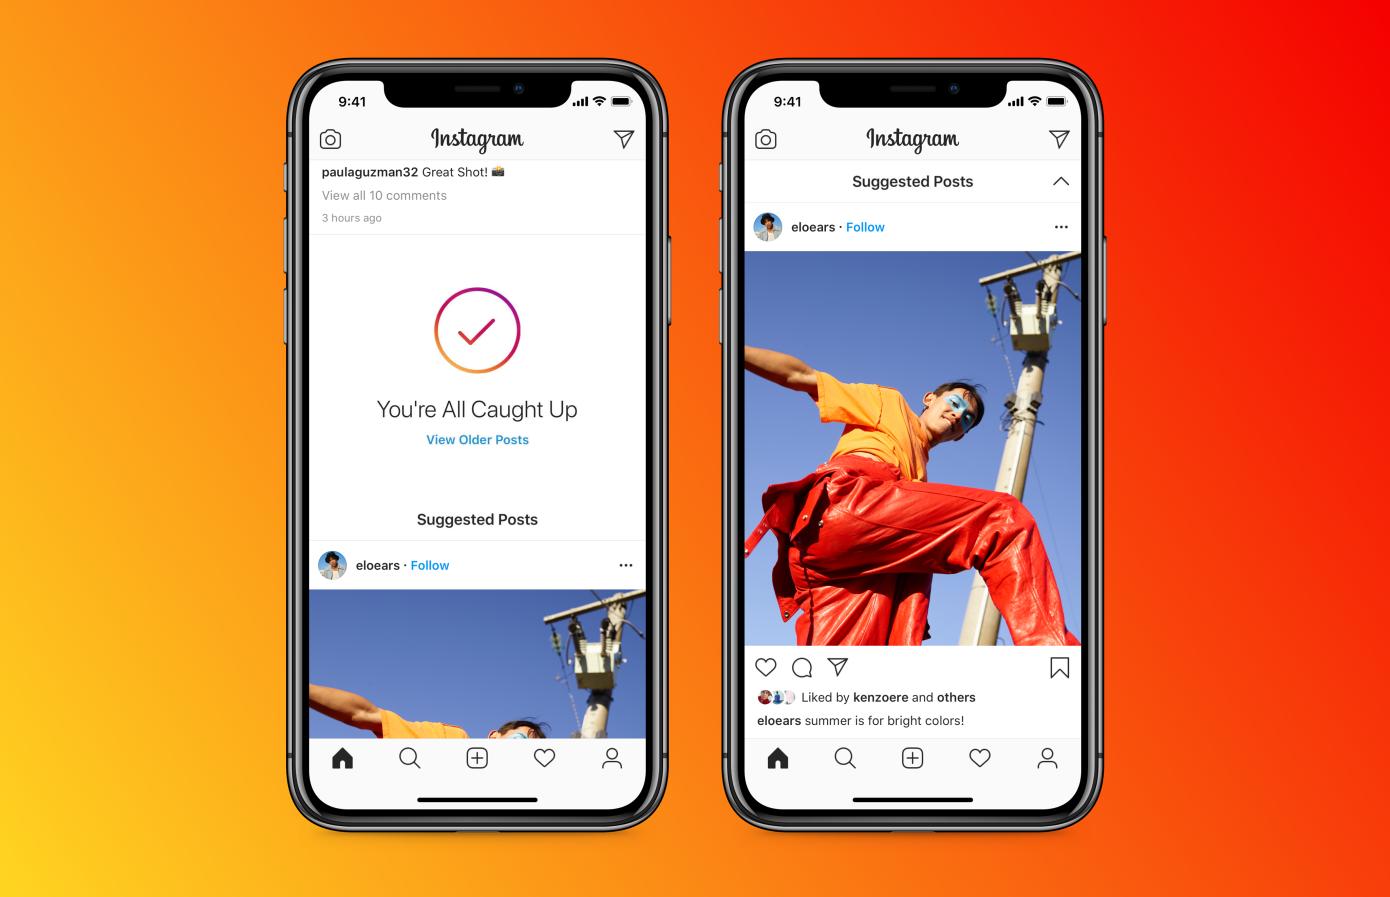 Instagram: posztajánlók és hirdetések jönnek a hírfolyam végére